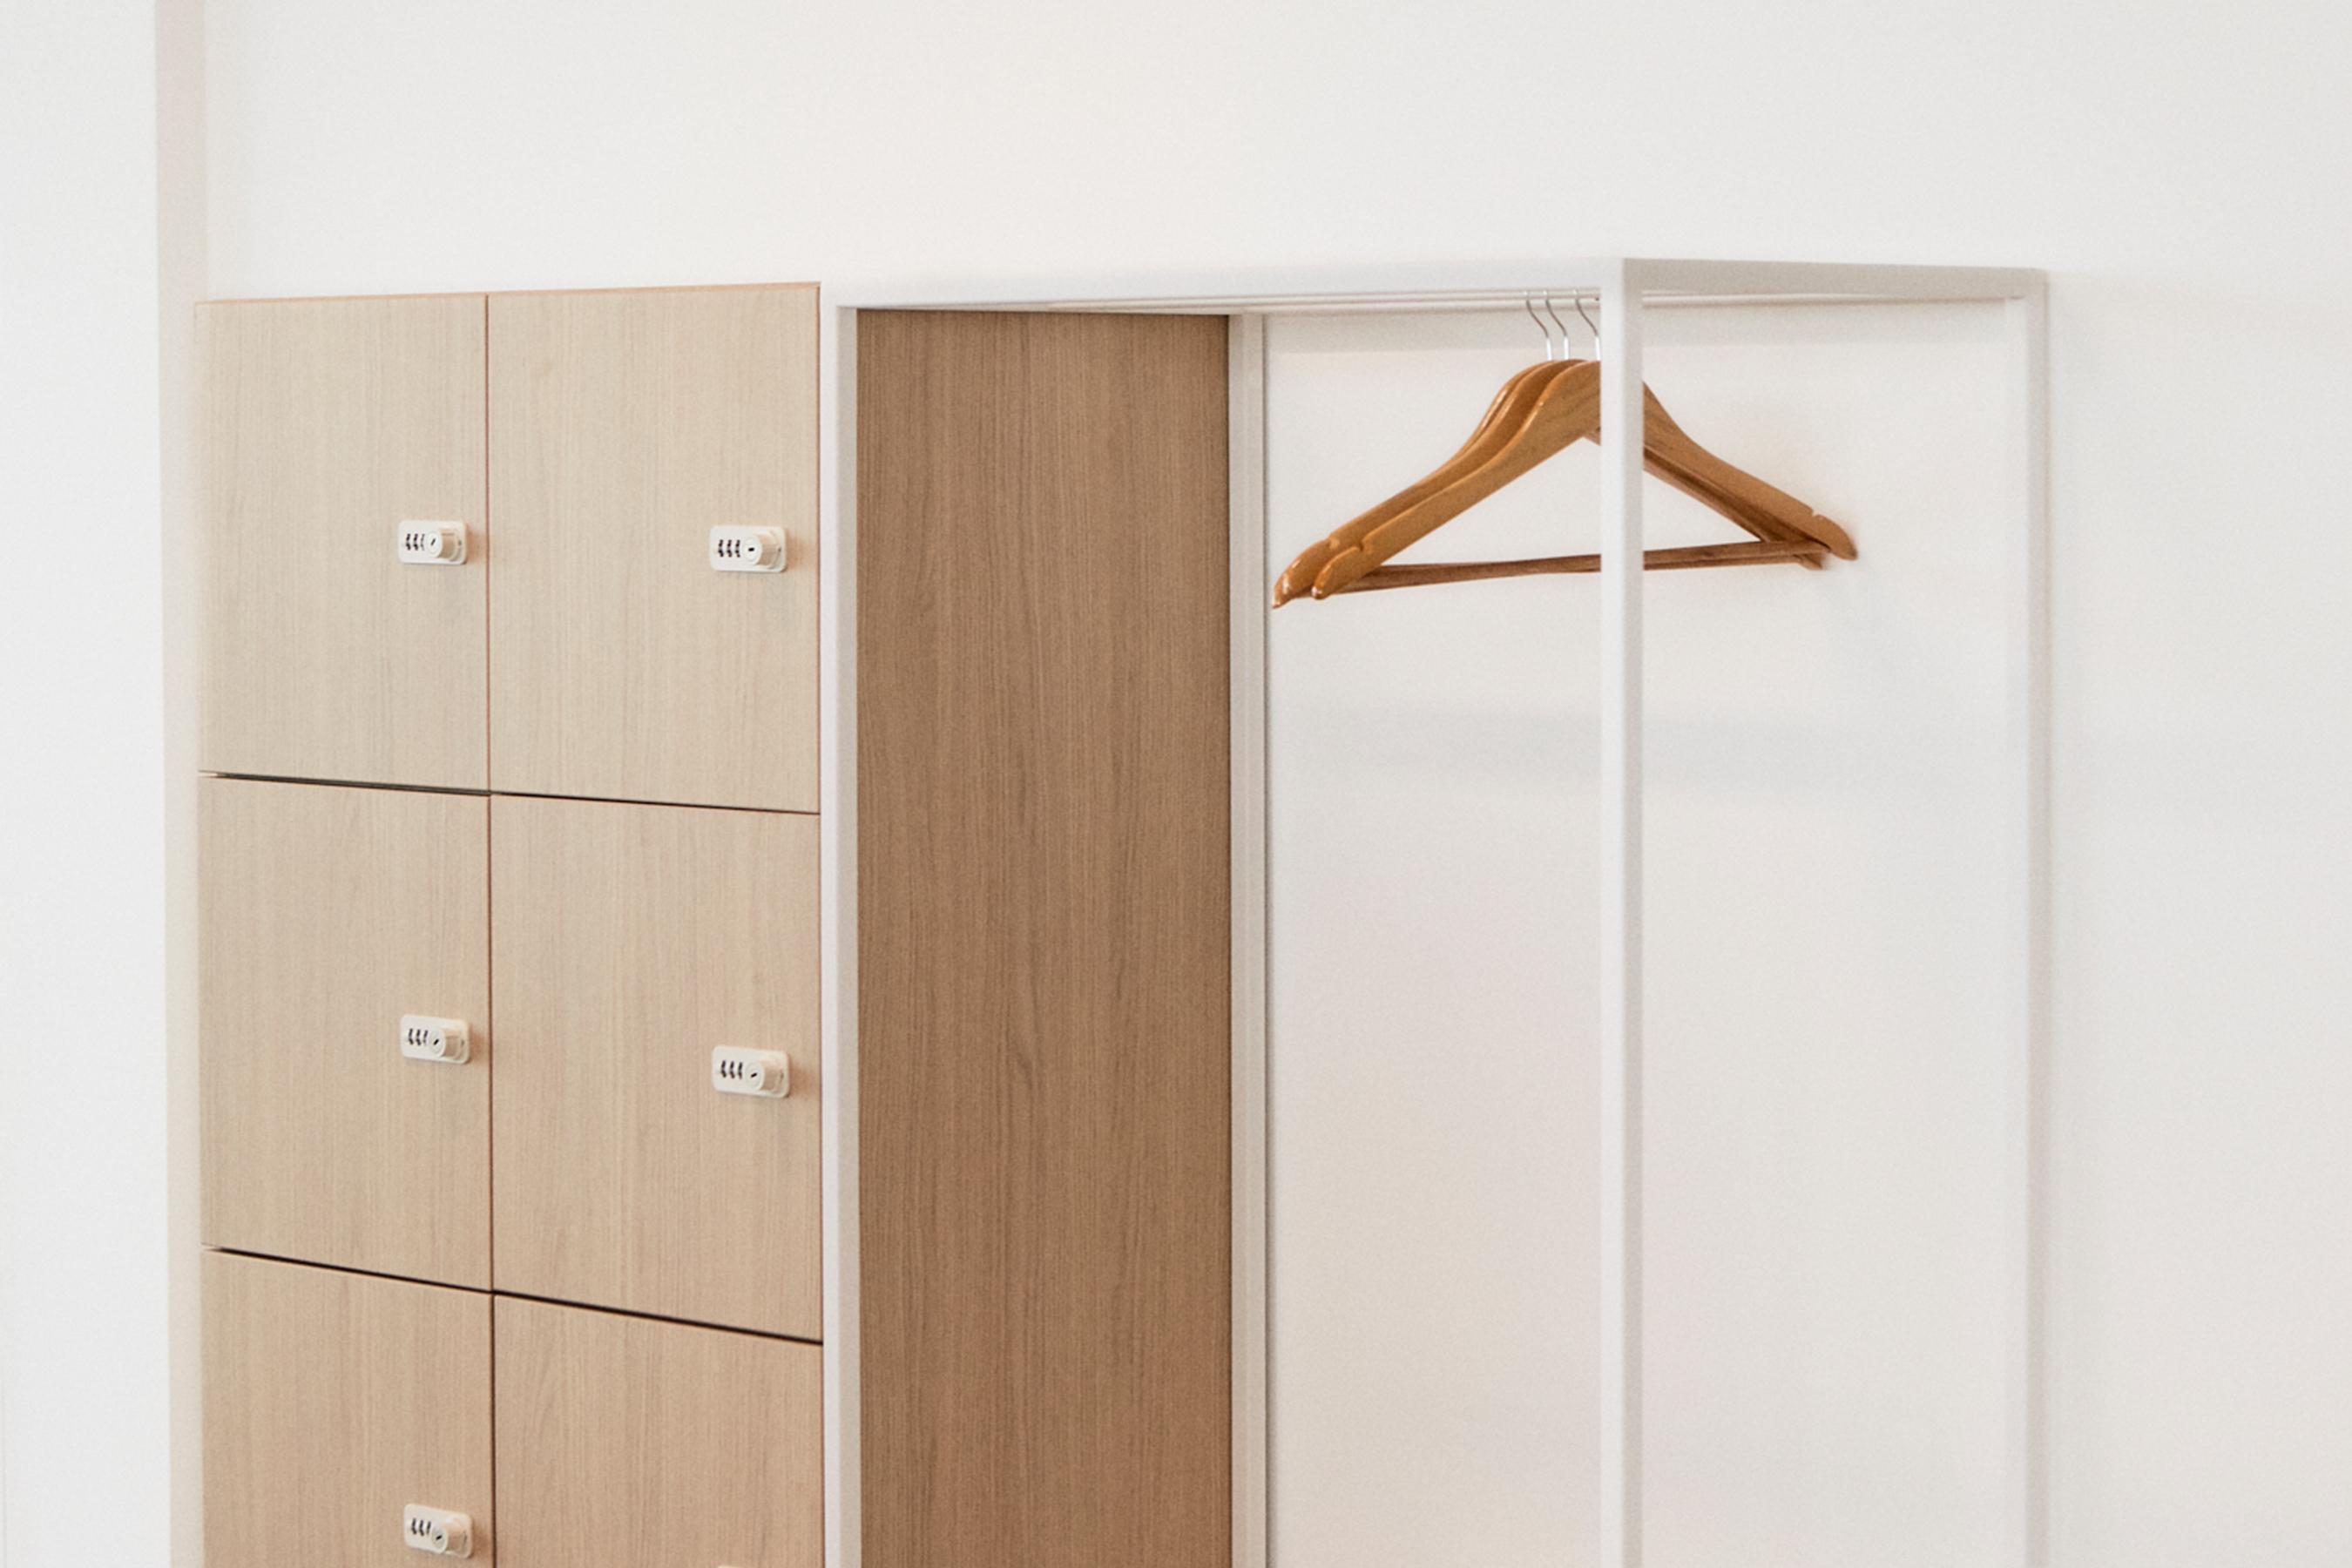 Aménagement espace bureau - casiers individuels avec porte manteau